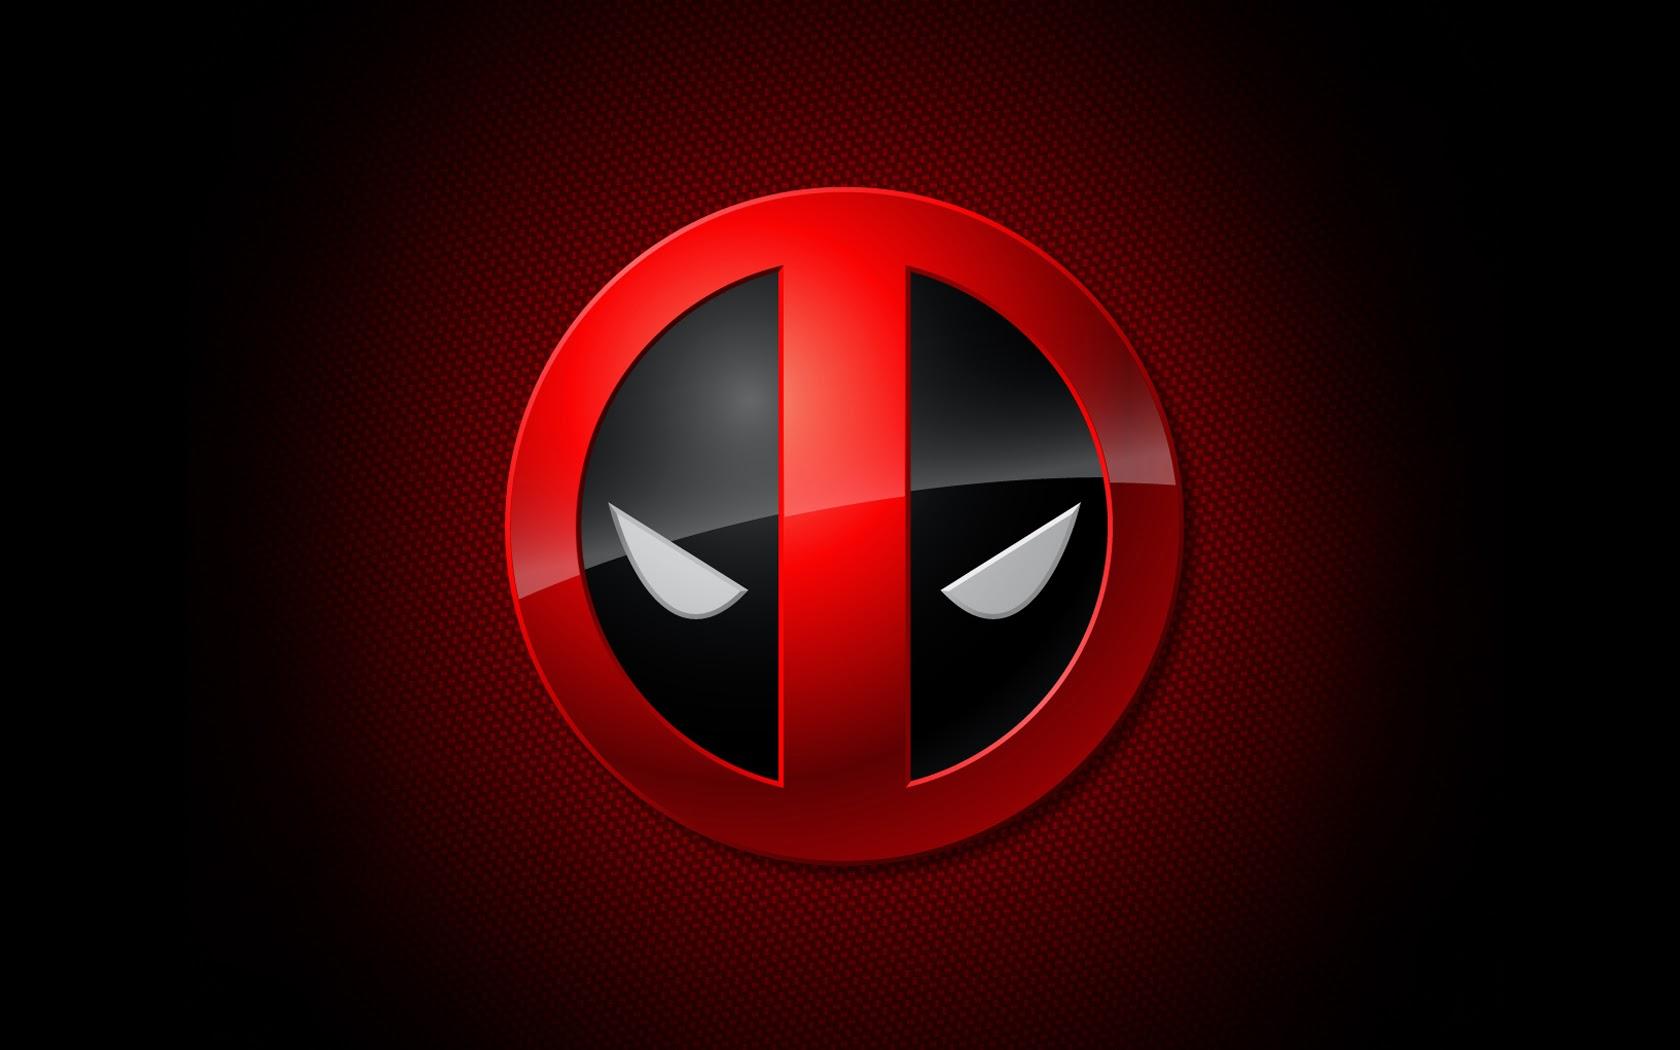 Deadpool Logo Marvel Comics HD Wallpaper 1680x1050 widescreen a70 1680x1050